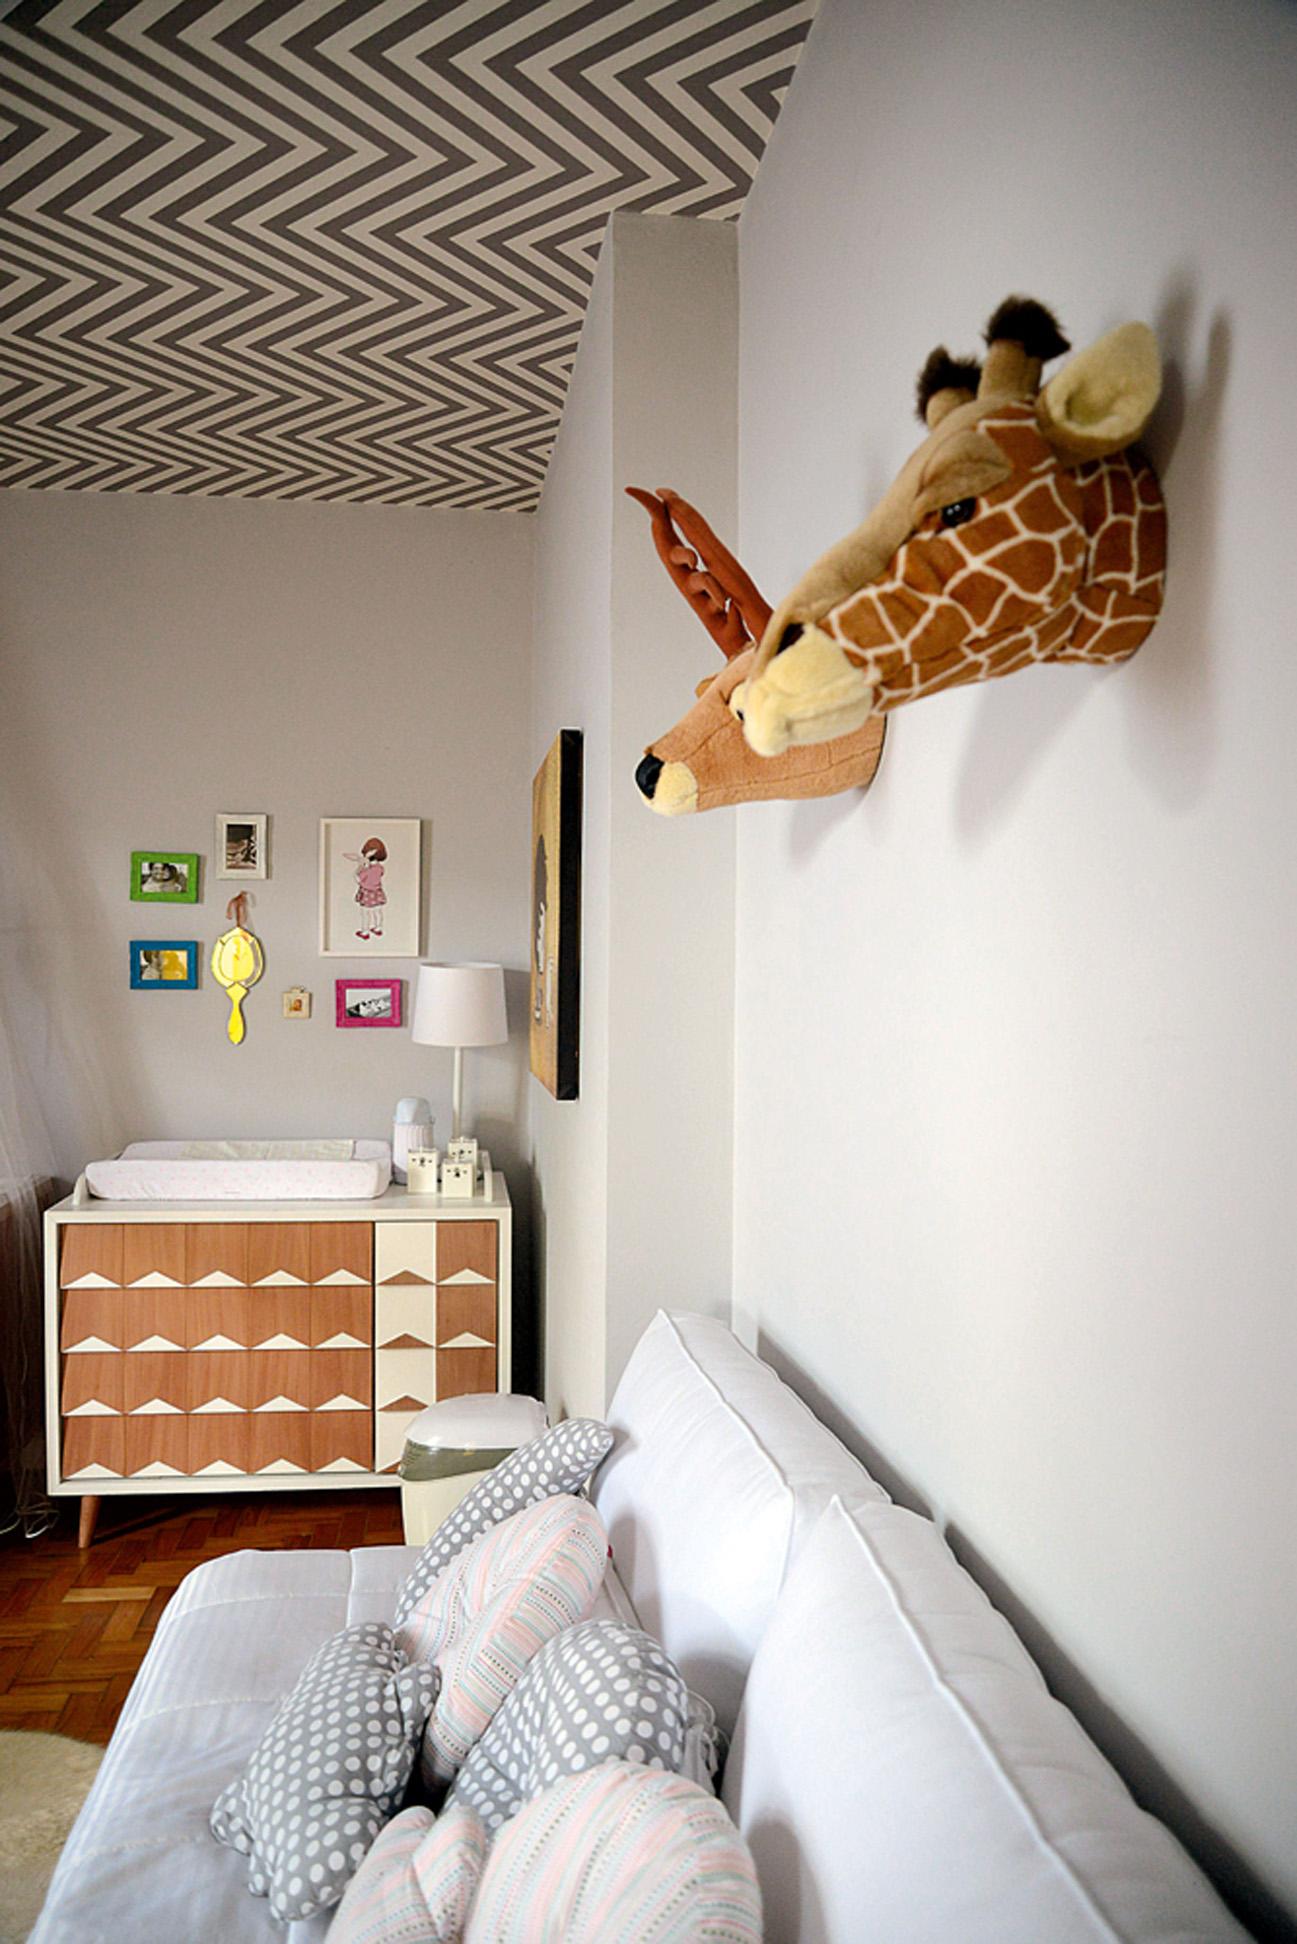 Nana, nenê: Os móveis do quarto de Martina foram todos feitos na Ameise Design. Os troféus de caça de pelúcia são da Coisas da Doris